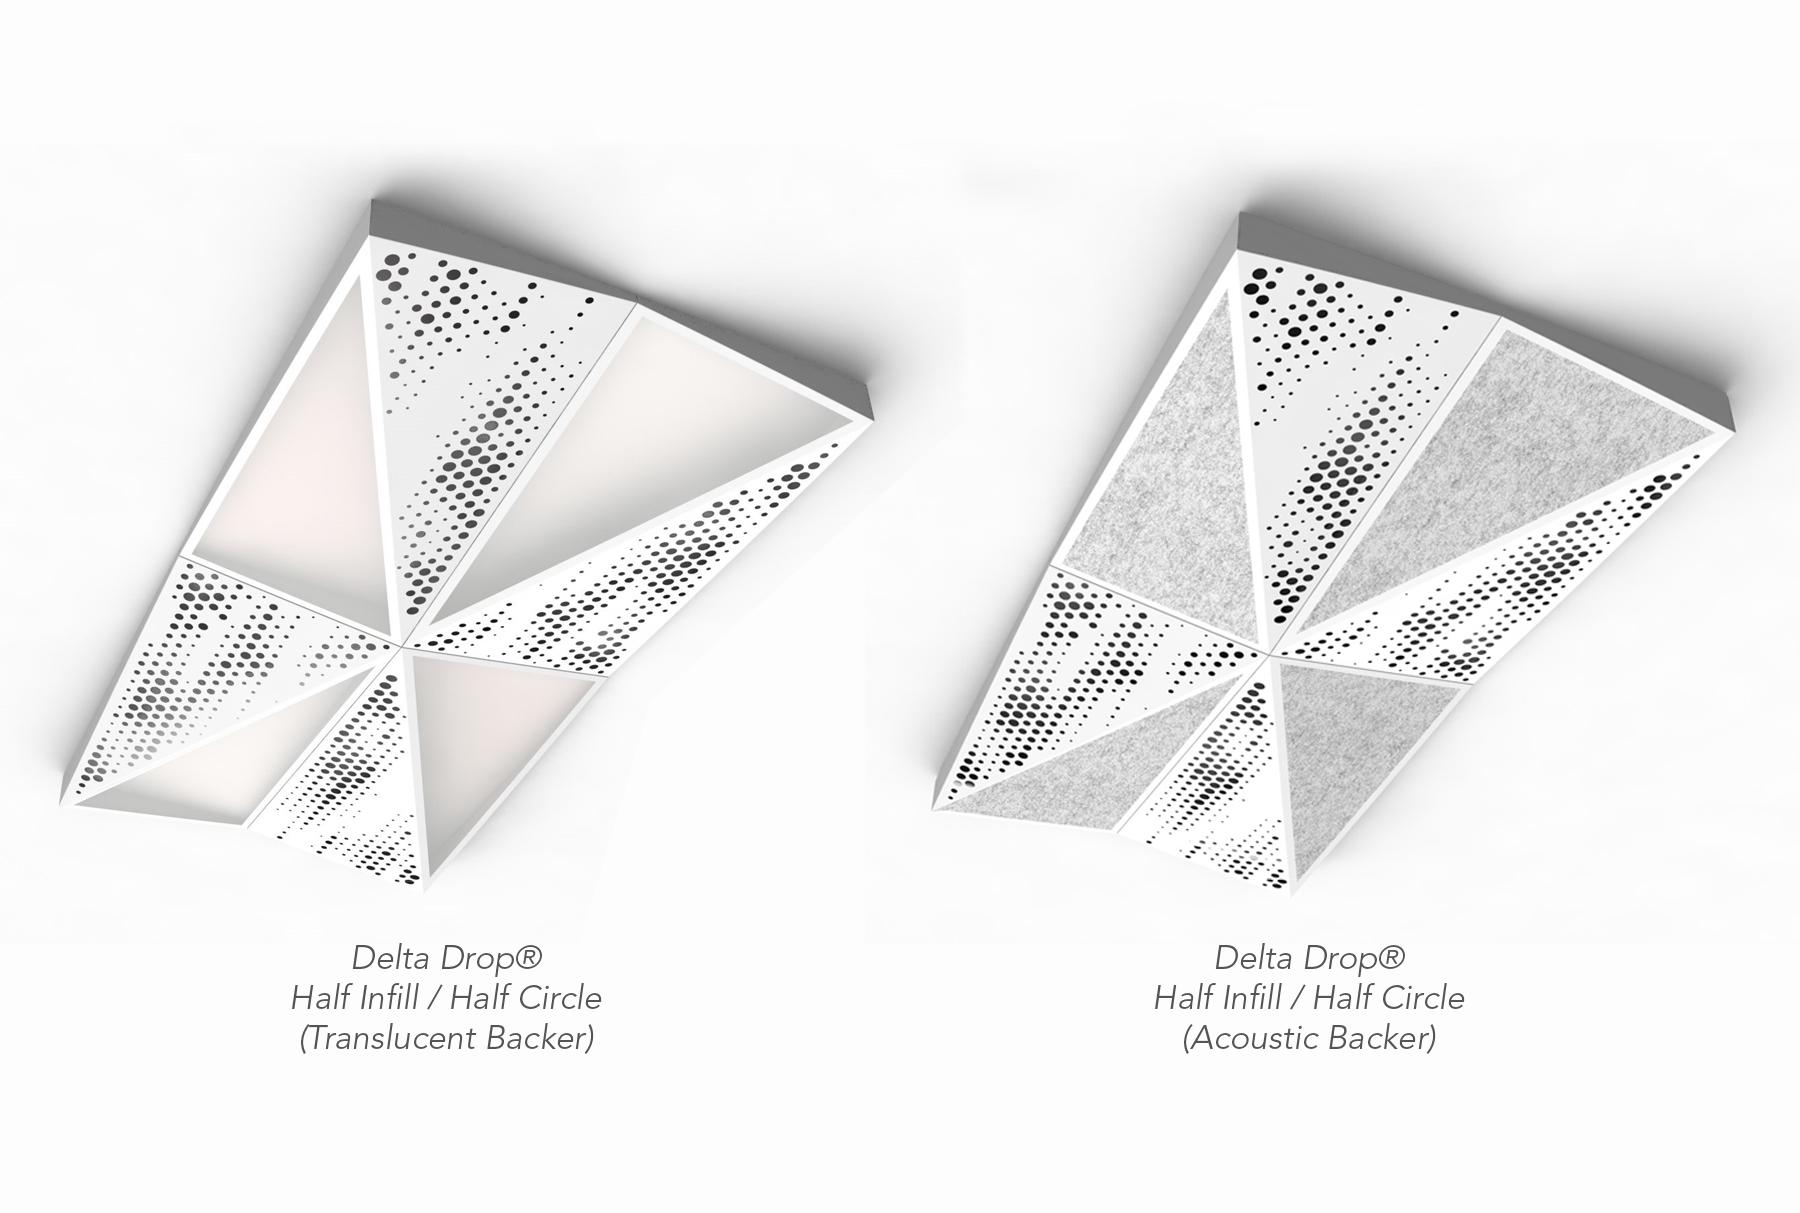 Delta Drop® Half Infill / Half Circle